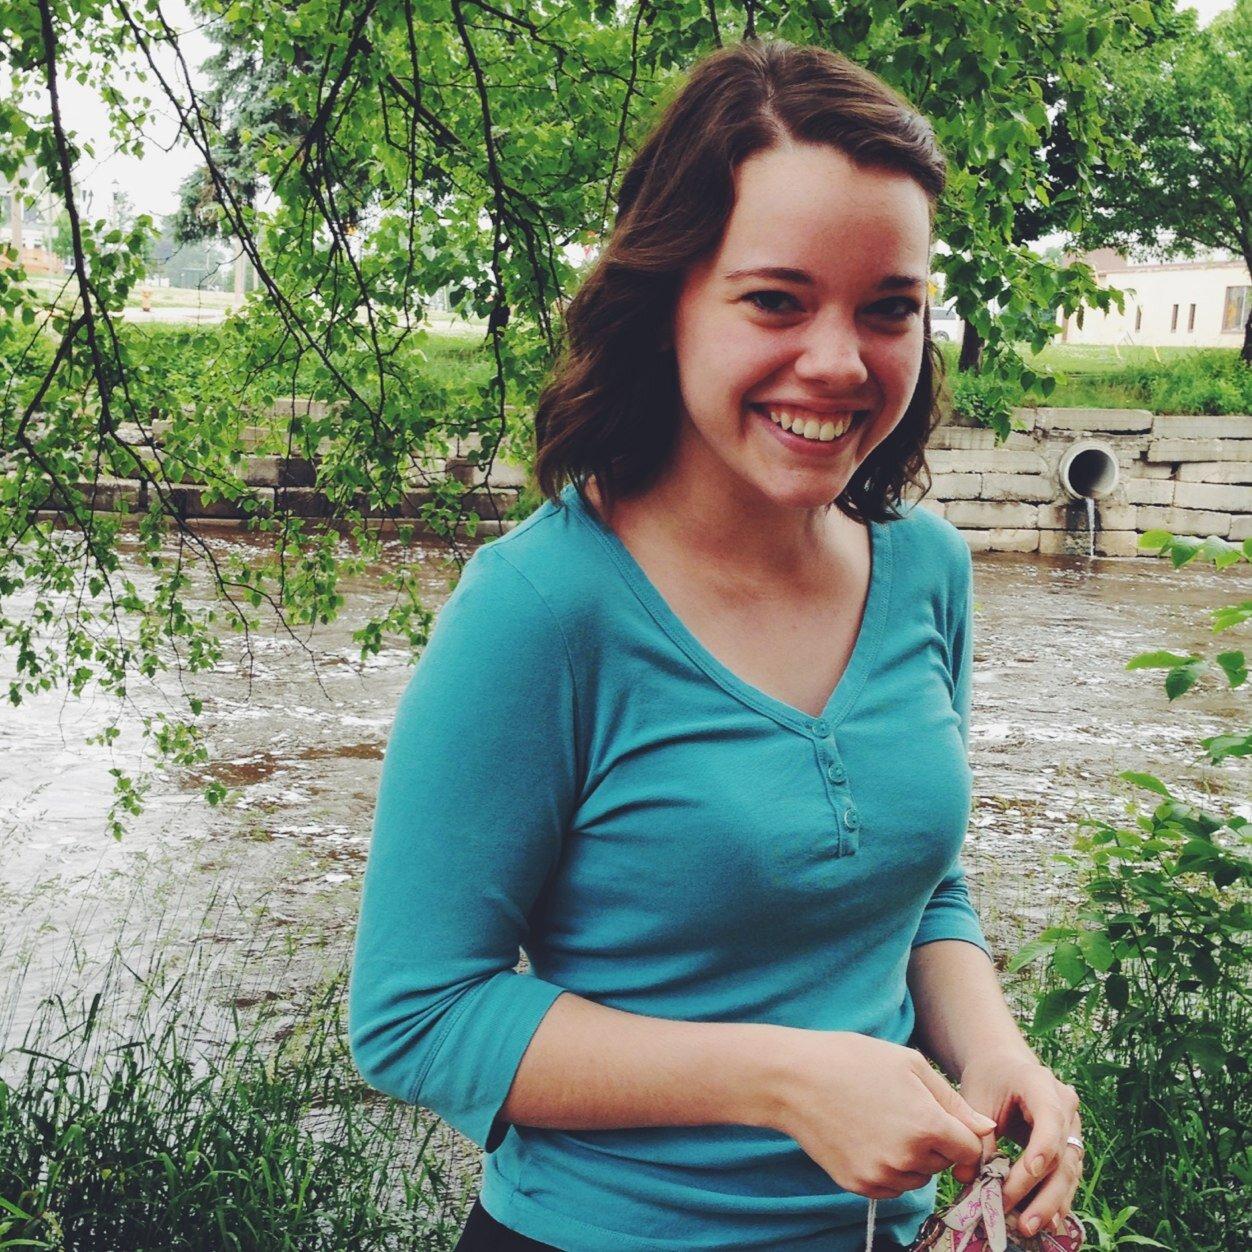 Desiree Anderson Nude Photos 61